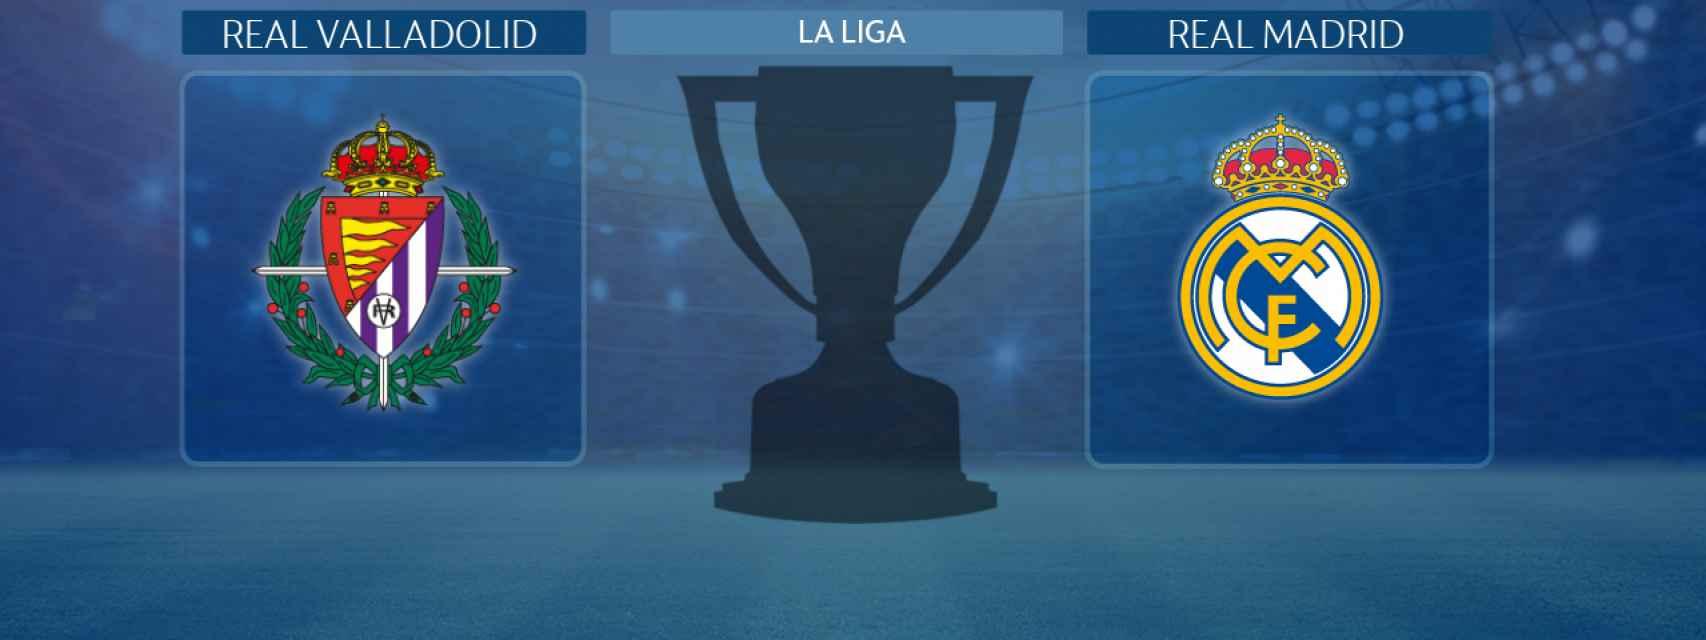 Real Valladolid - Real Madrid, partido de La Liga